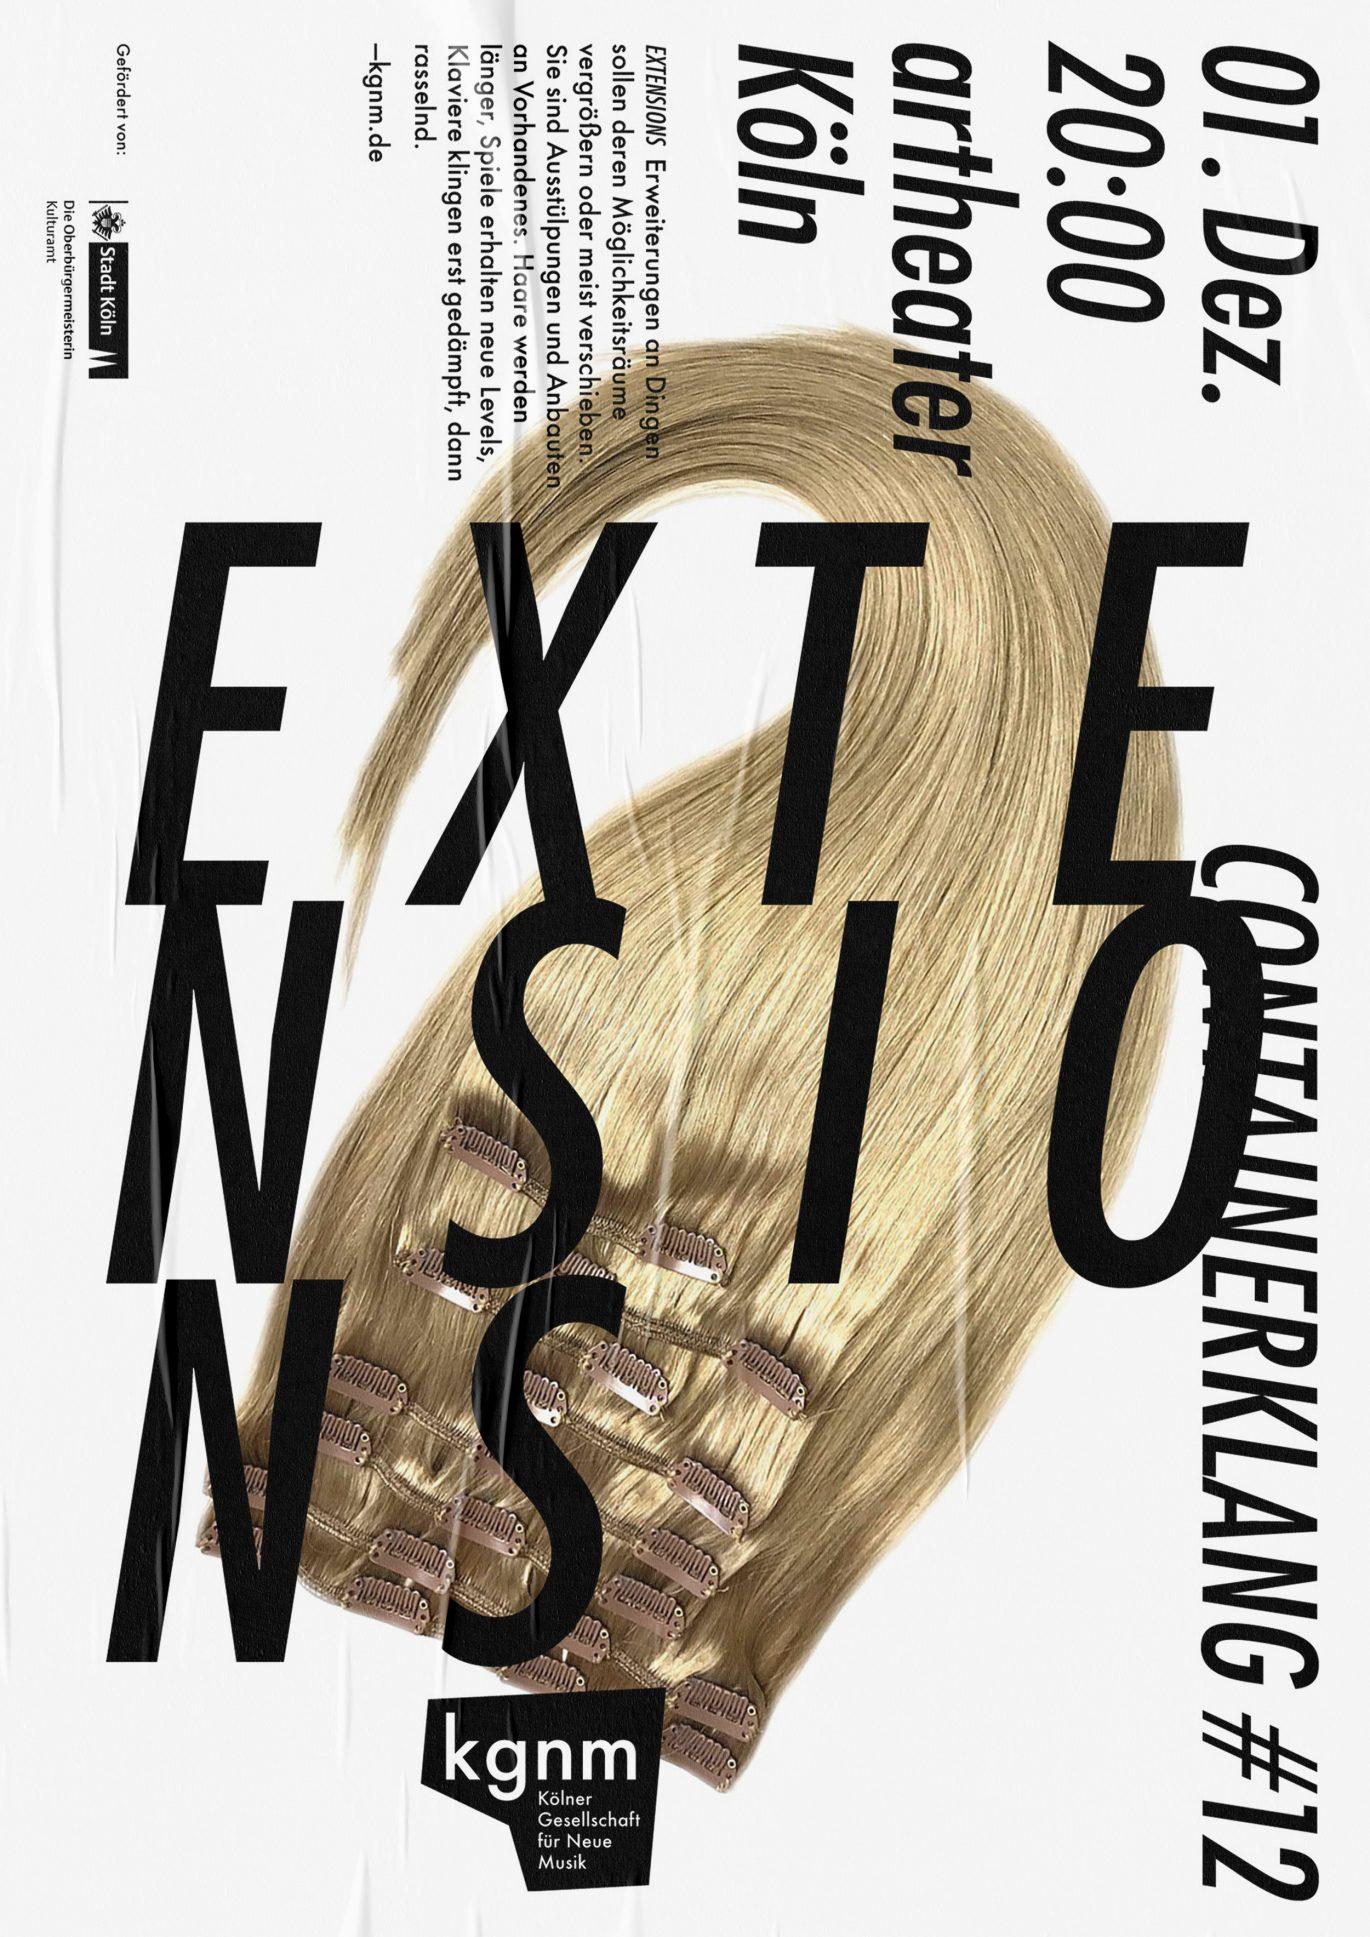 Plakat Design | öffentlicher Raum | Musik Konzert | Redesign